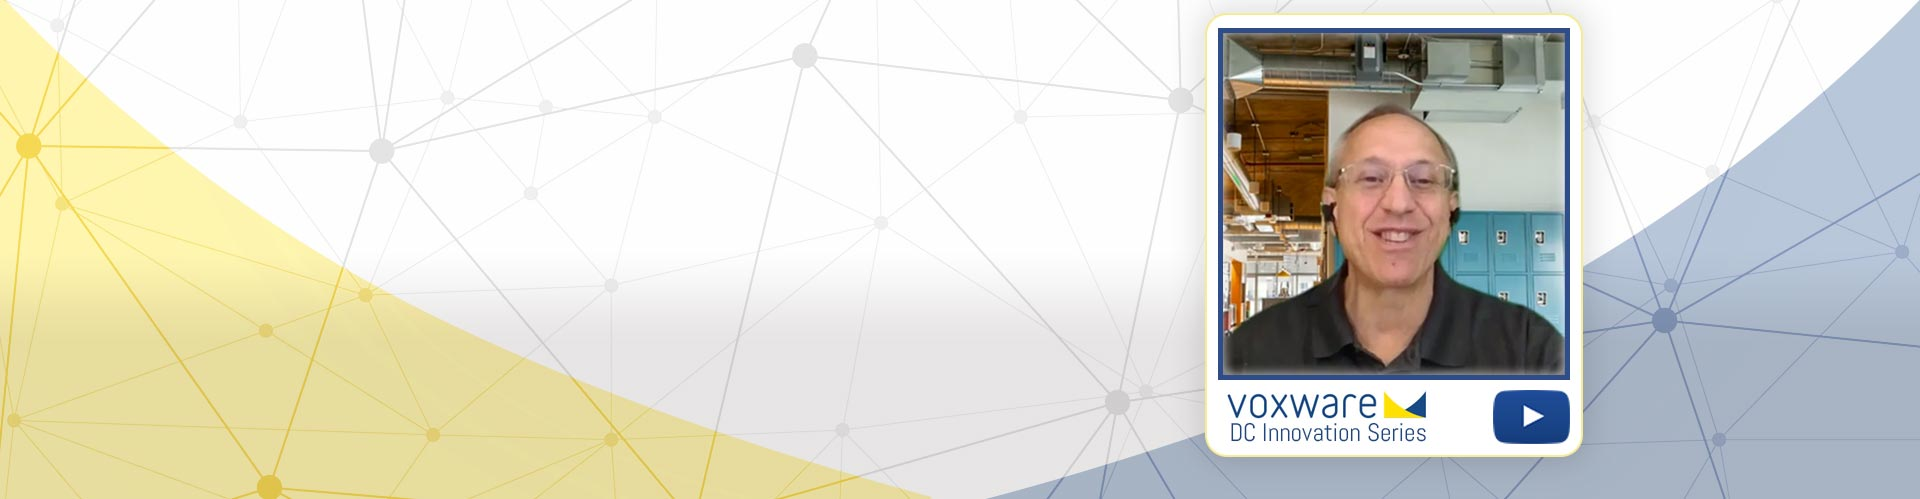 voxware-innovation-series-slide